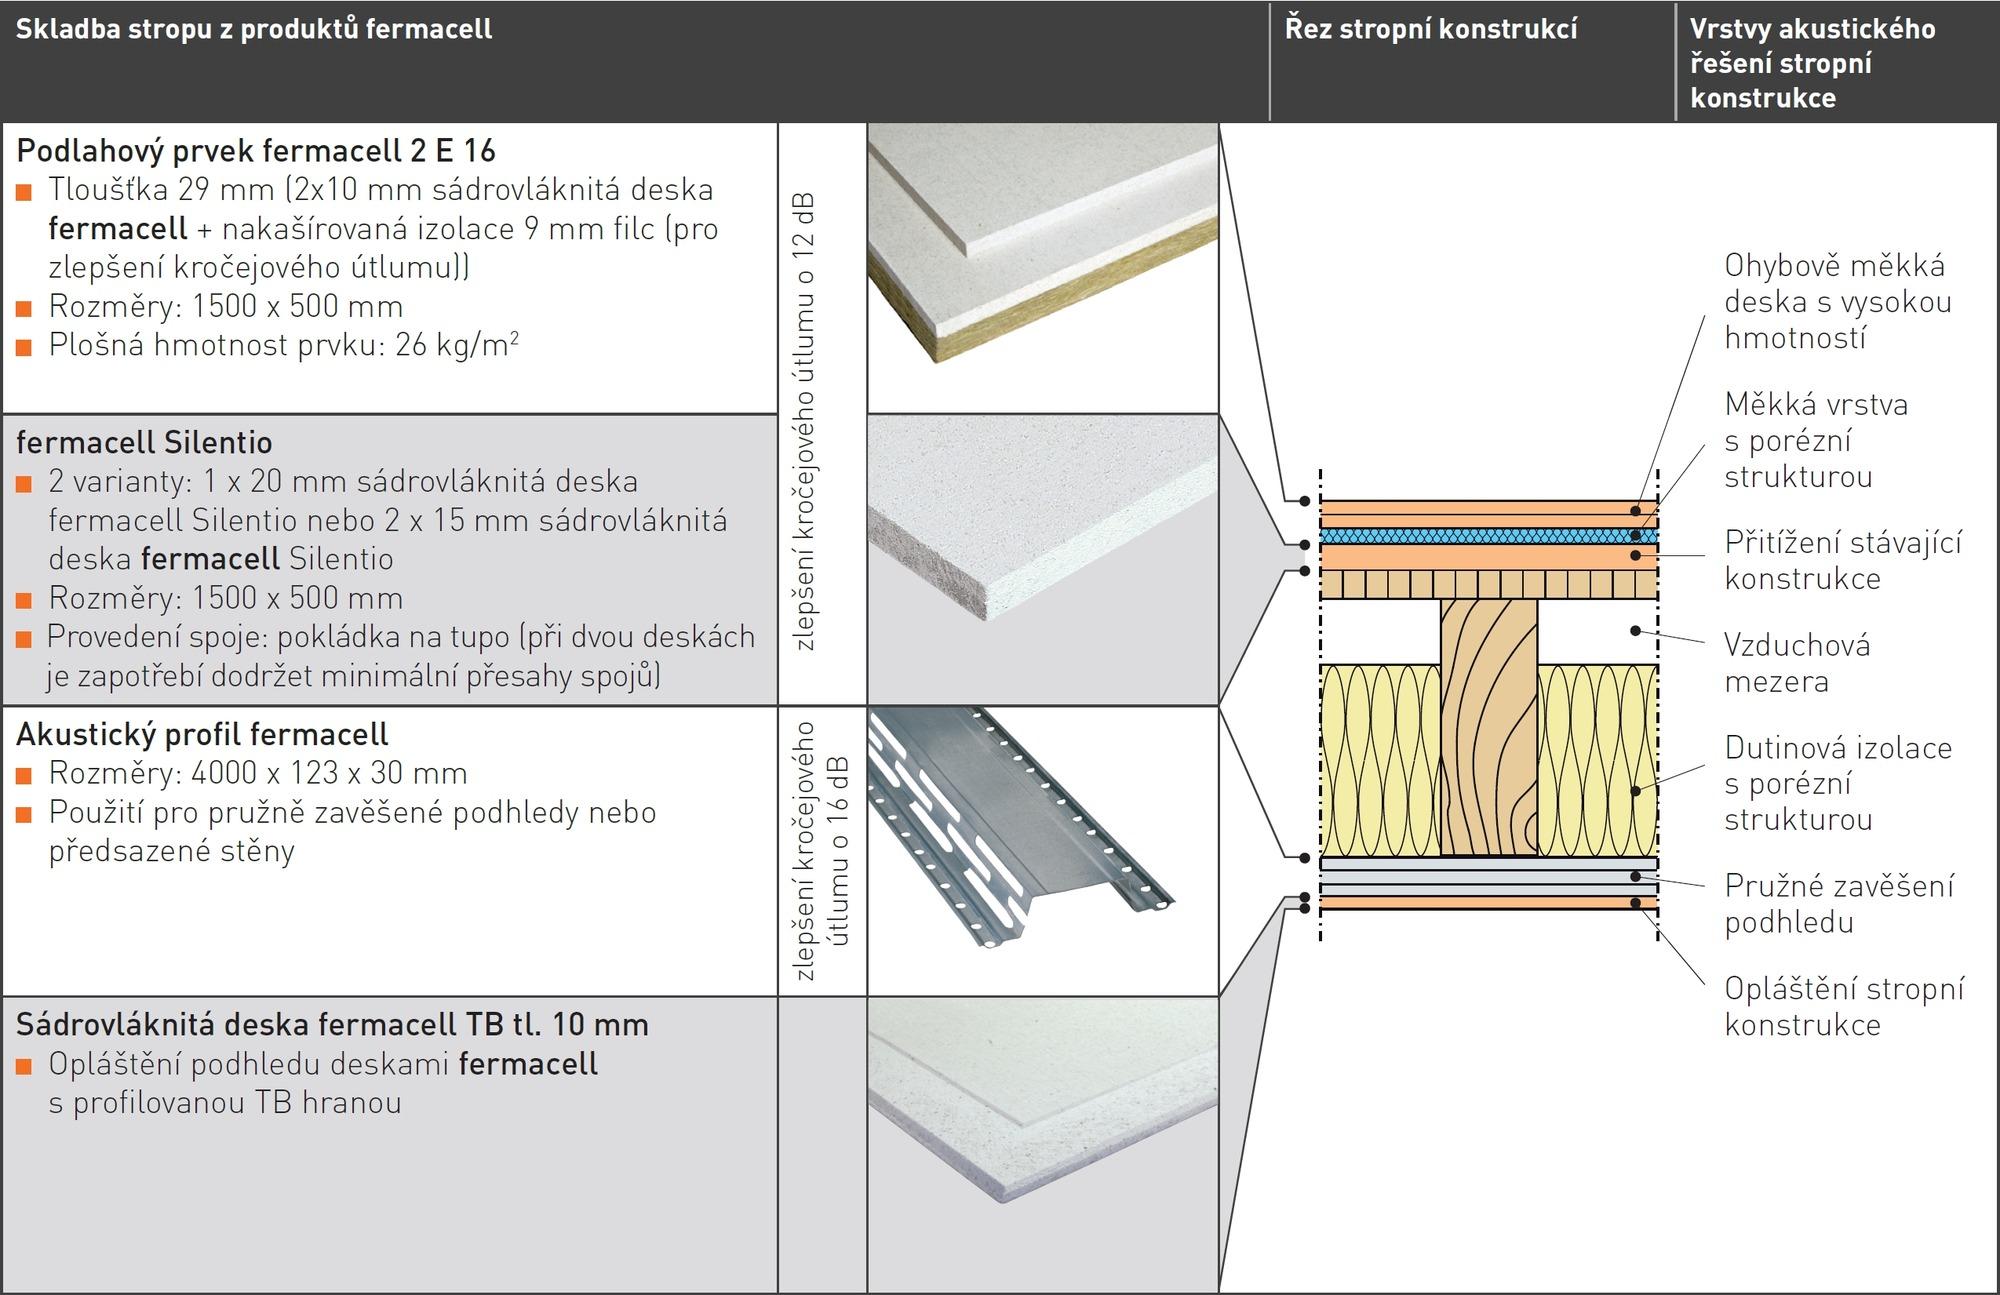 Nejbeznejsi Typy Podlahovych Konstrukci V Nasich Domech Dil 1